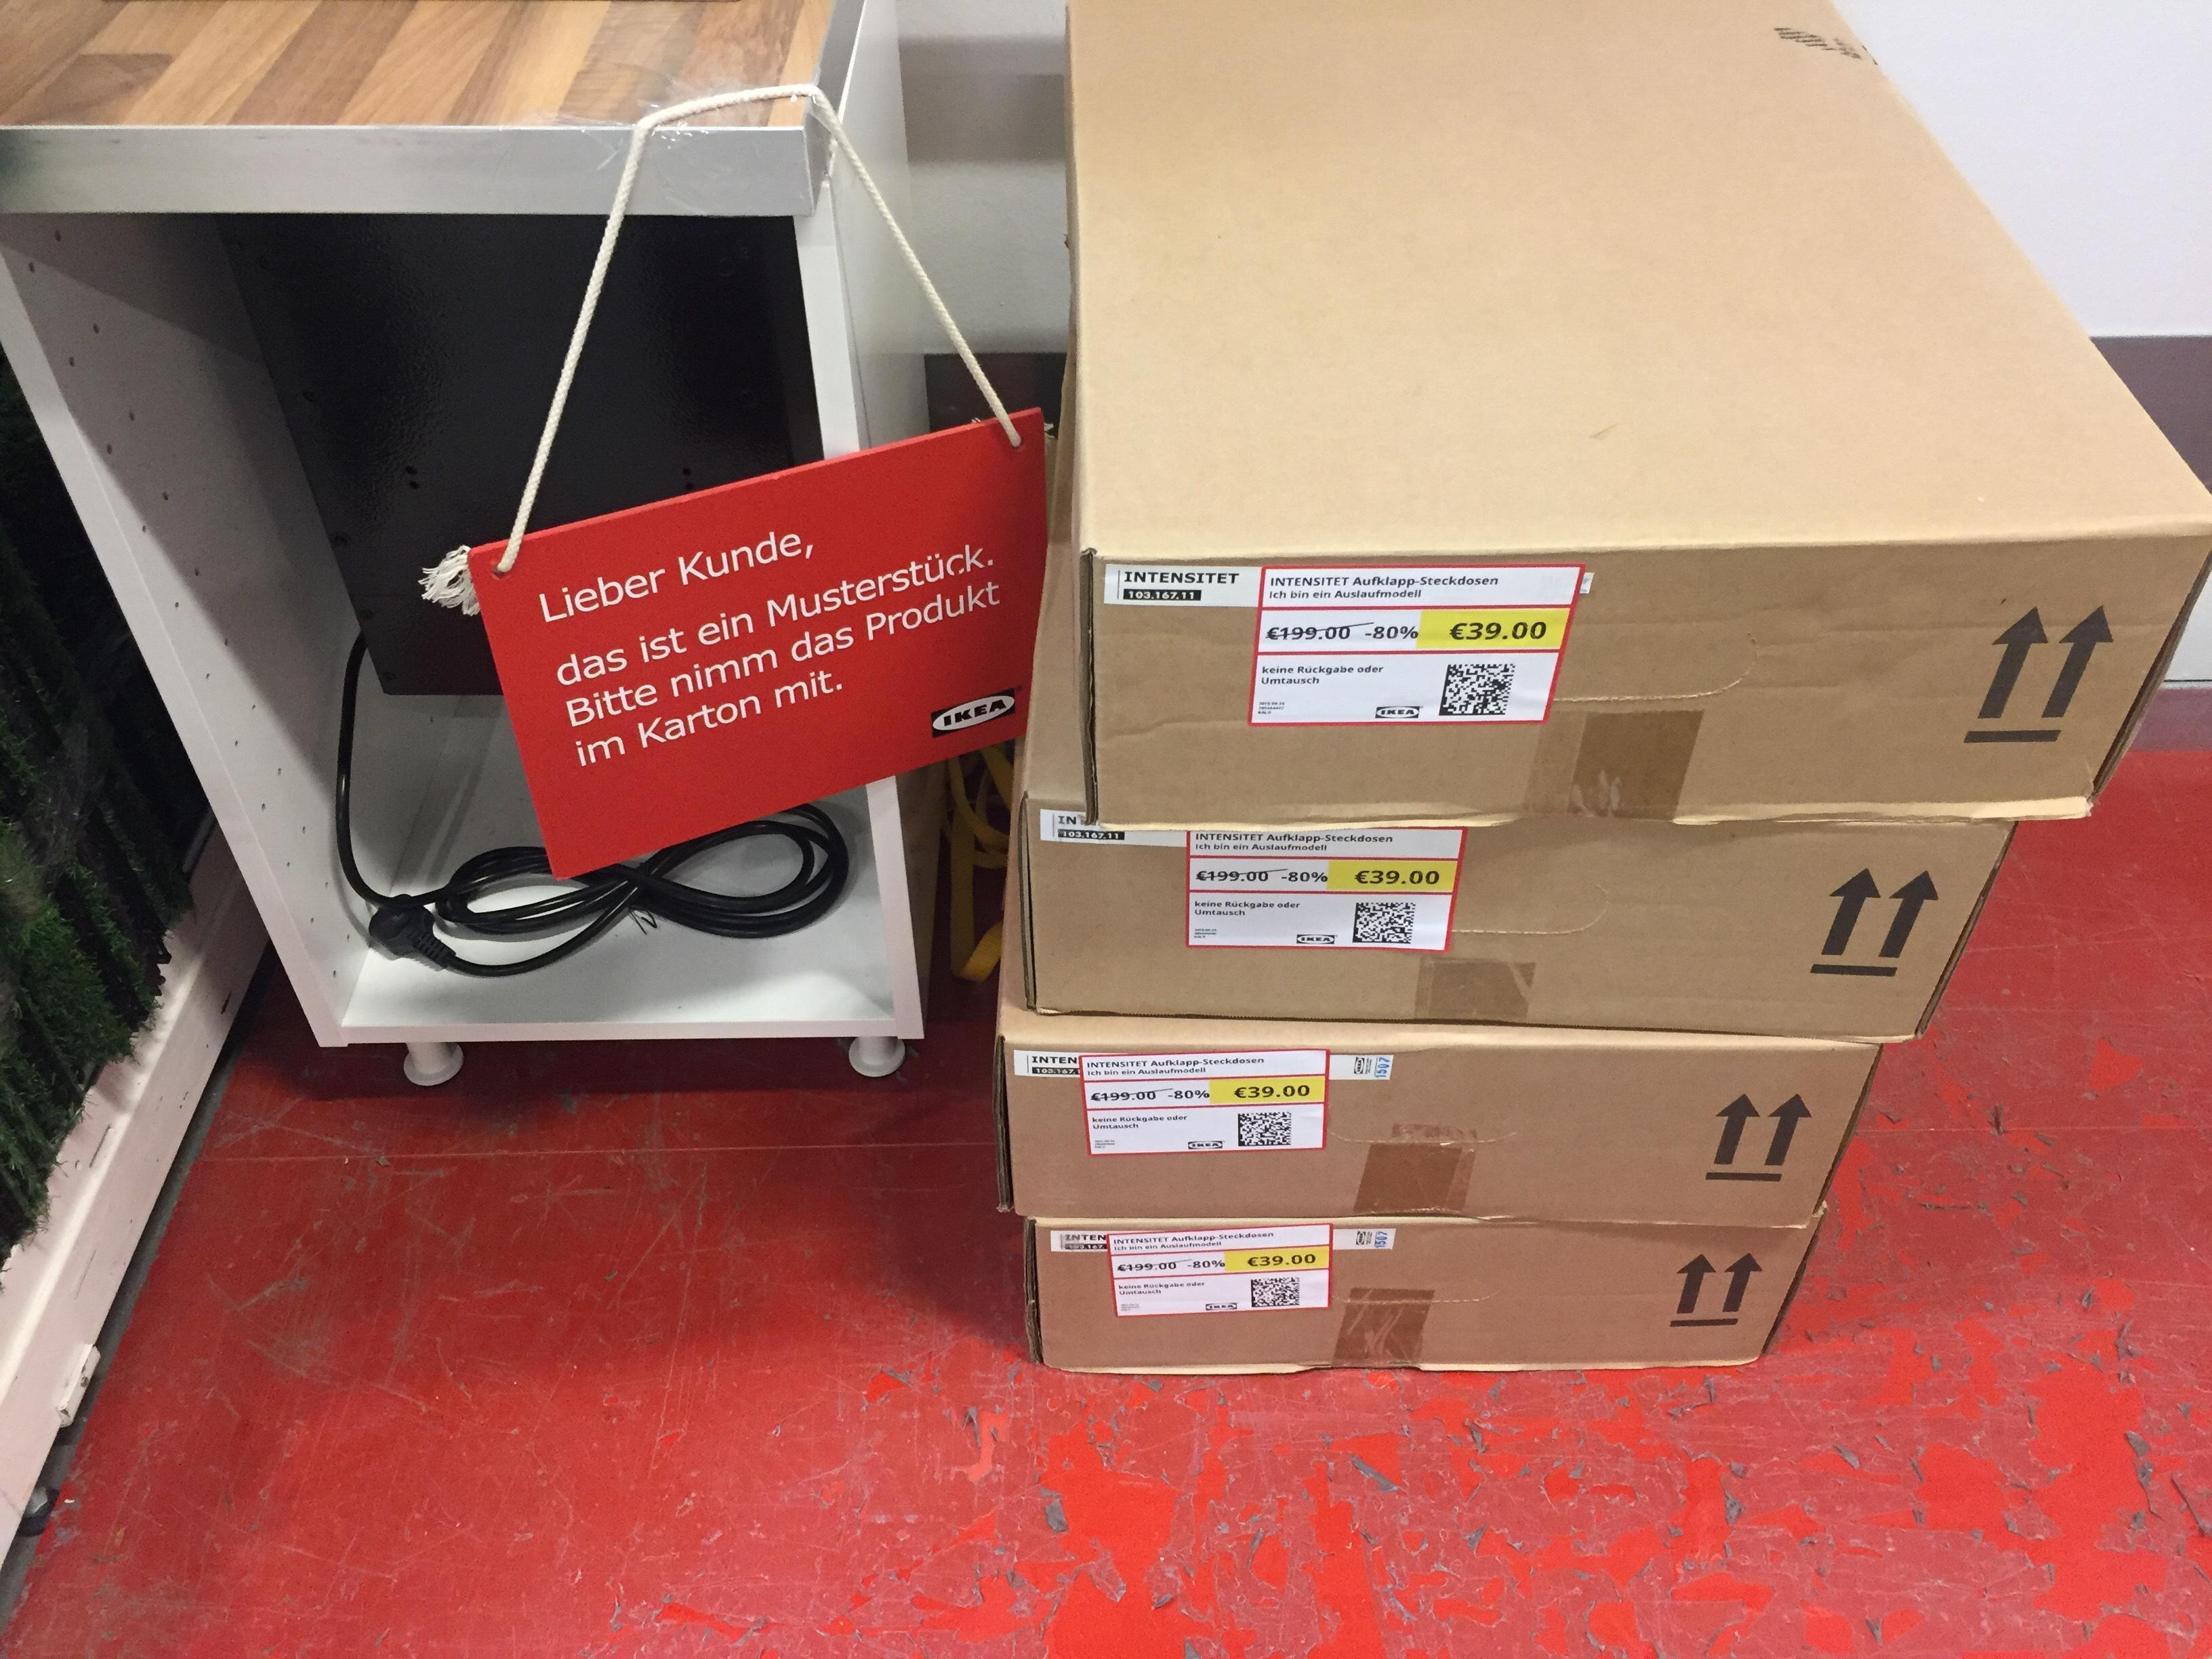 [LOKAL] Ikea Lübeck — Itensitet Aufklapp-Steckdosen